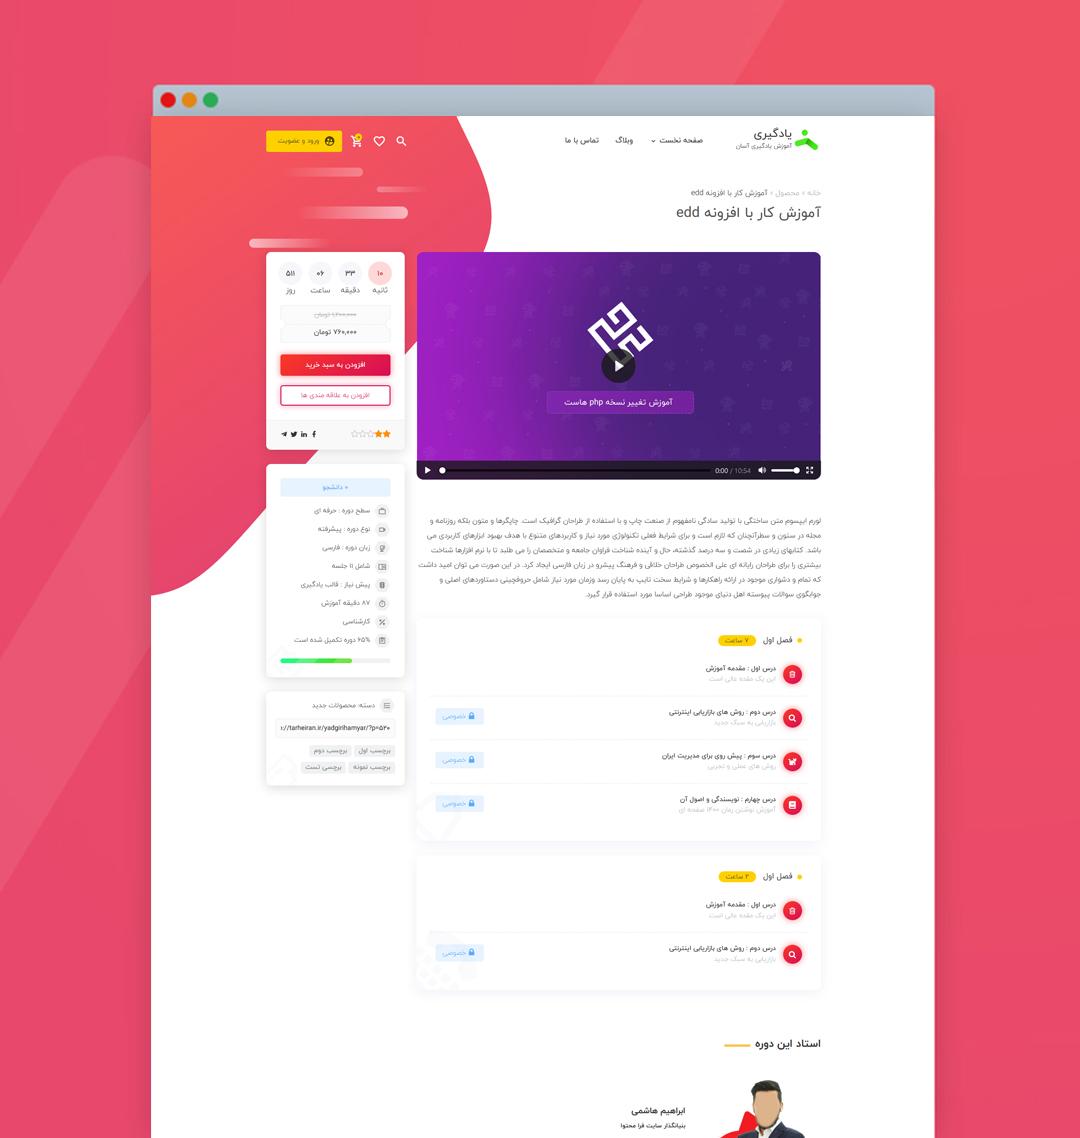 صفحه جزئیات محصول در قالب آموزشی یادگیری